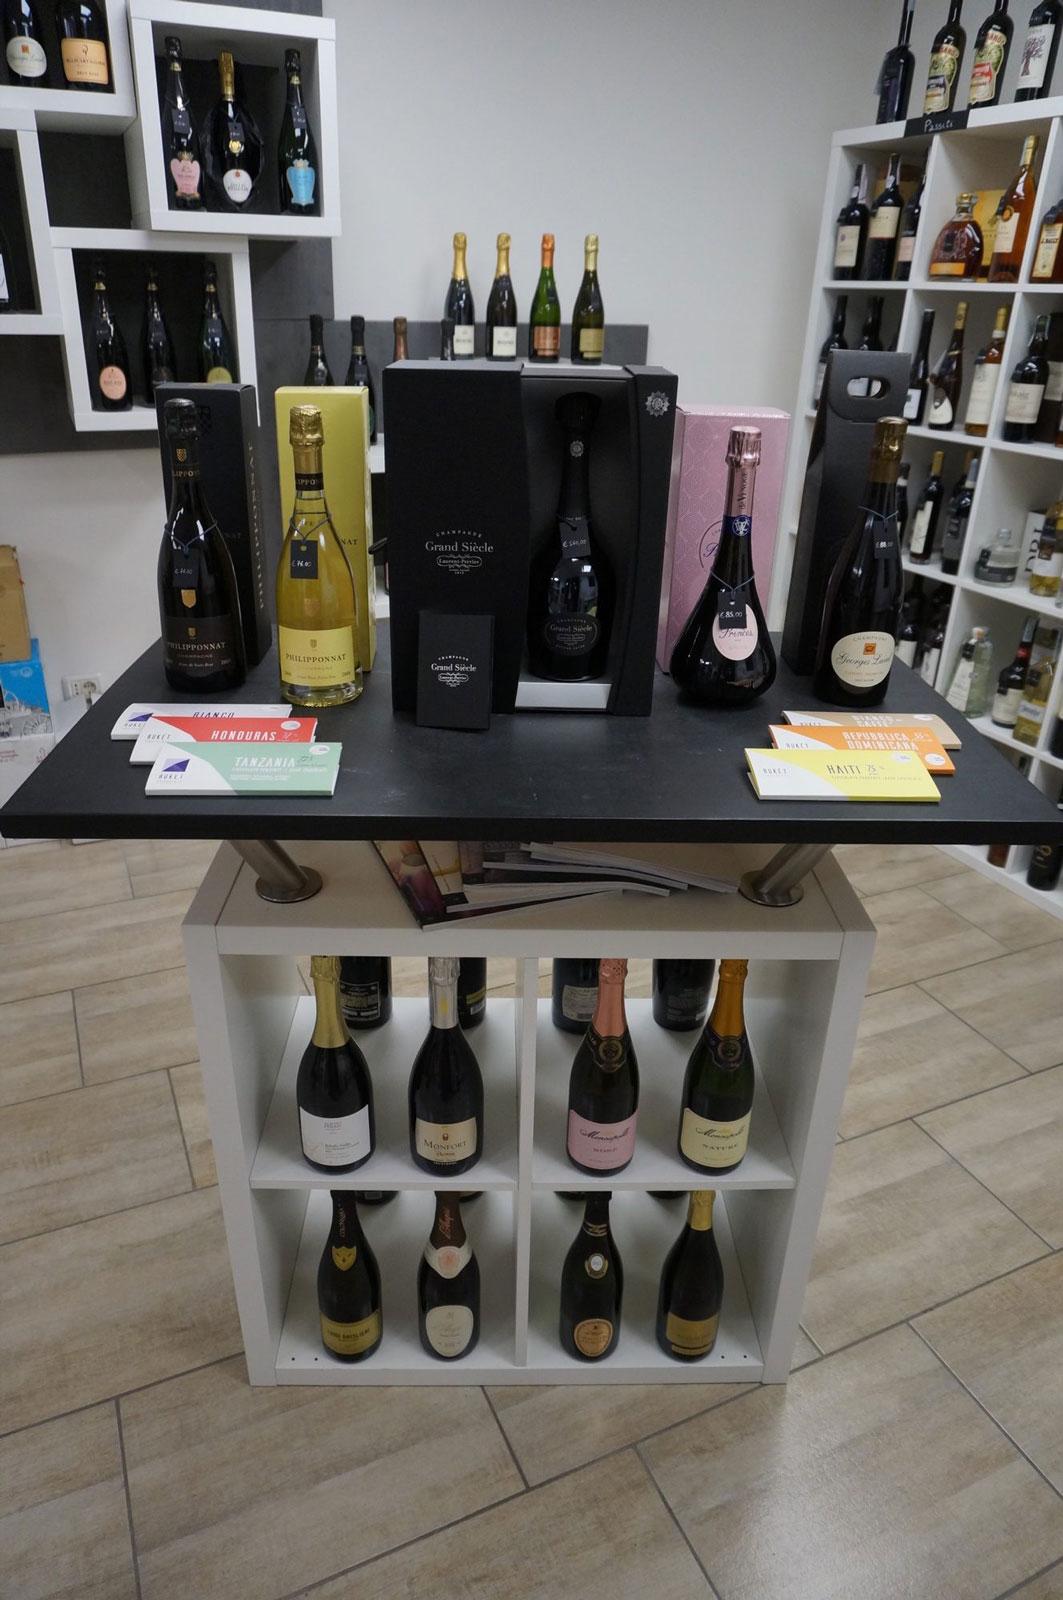 Enoteca di vini Grand Siecle, Philiponnat